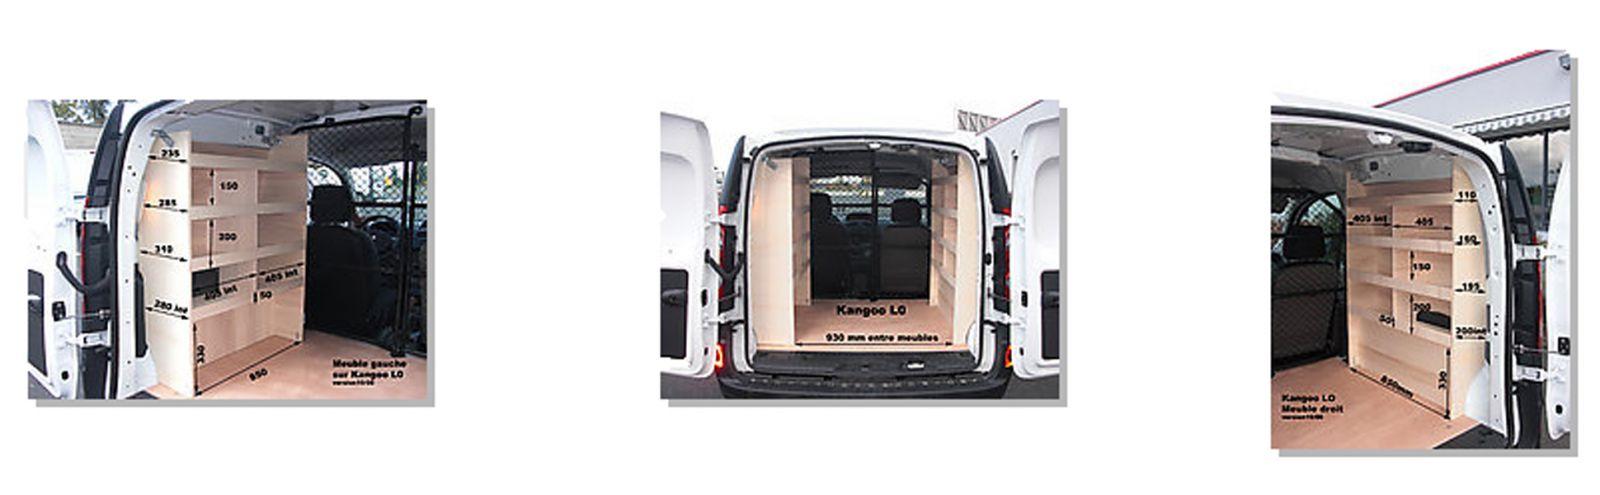 Am nagement utilitaire am nagement renault kangoo for Amenagement interieur vehicule utilitaire